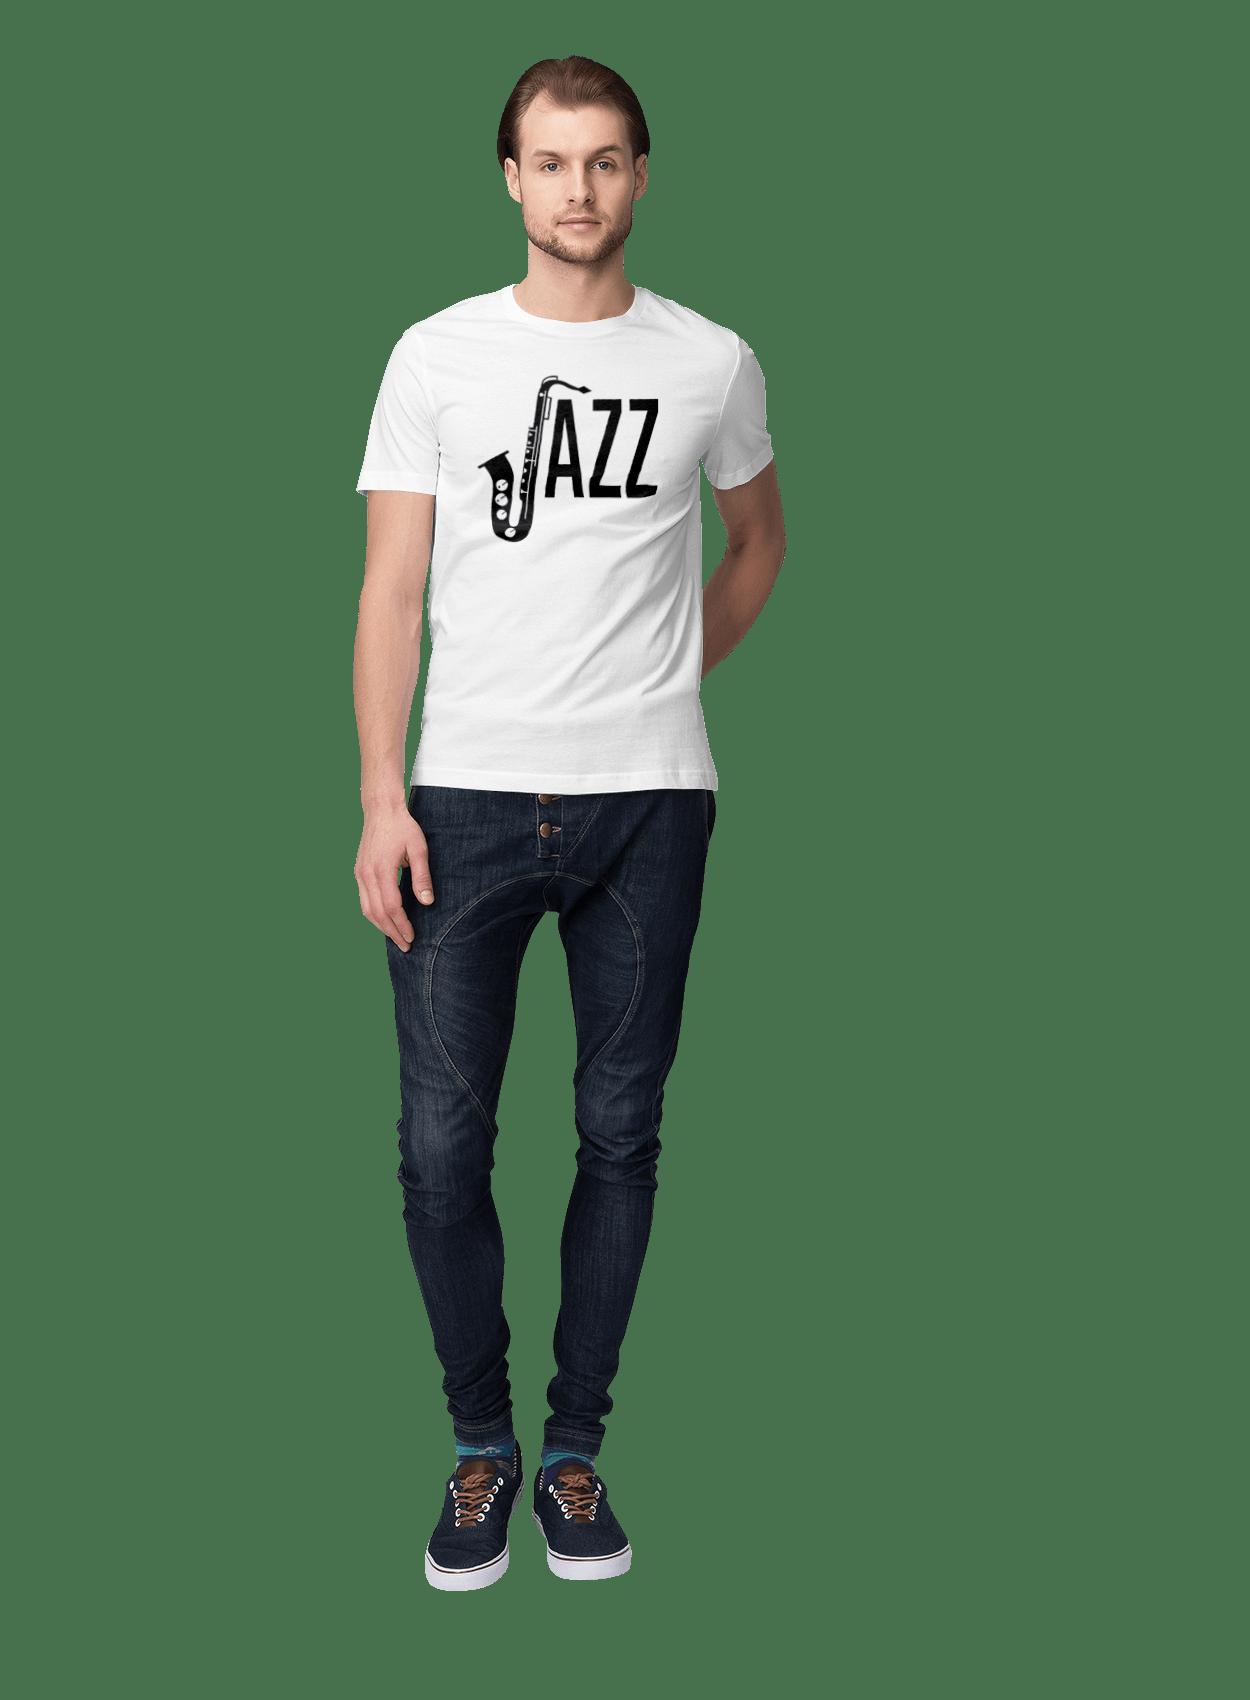 Джаз, Чорний